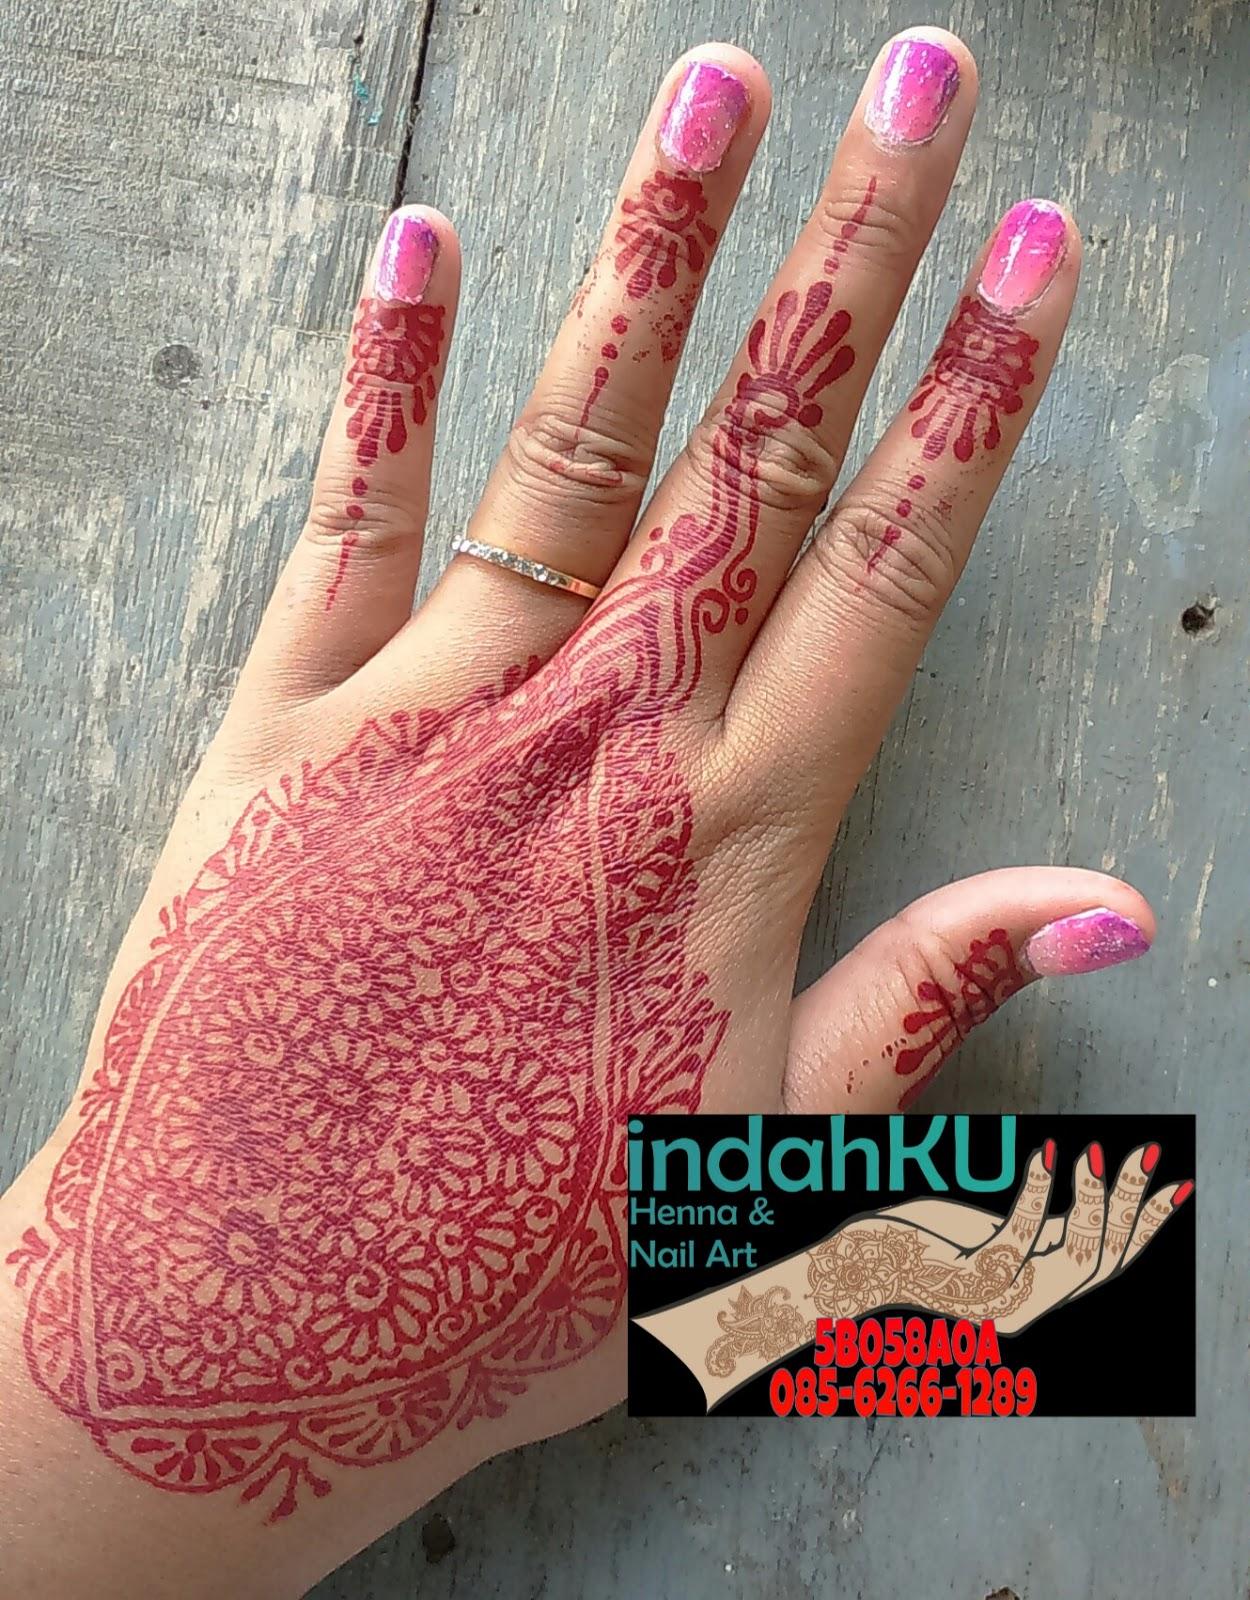 Henna Art Di Karawang Jasa Ukir Henna Di Karawang